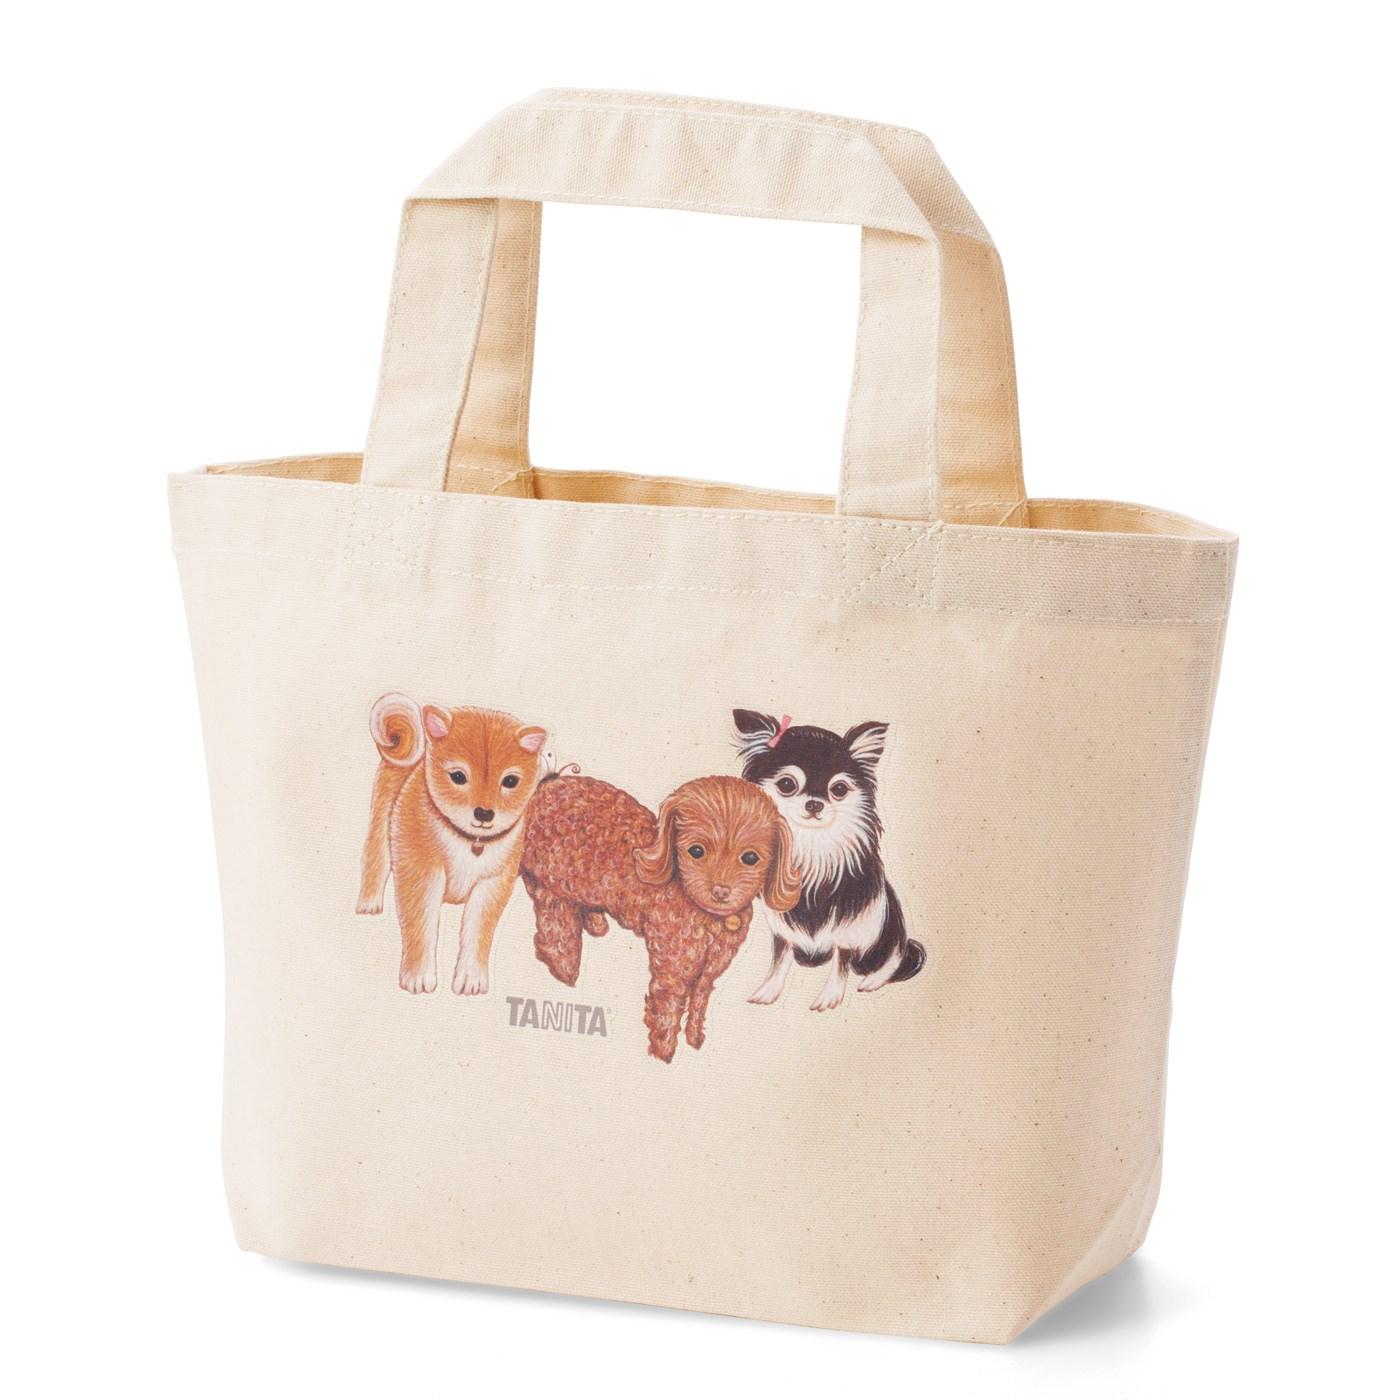 樋上公実子さんの描き下ろしイラストがプリントされたオリジナルトートバッグを全員にプレゼント。